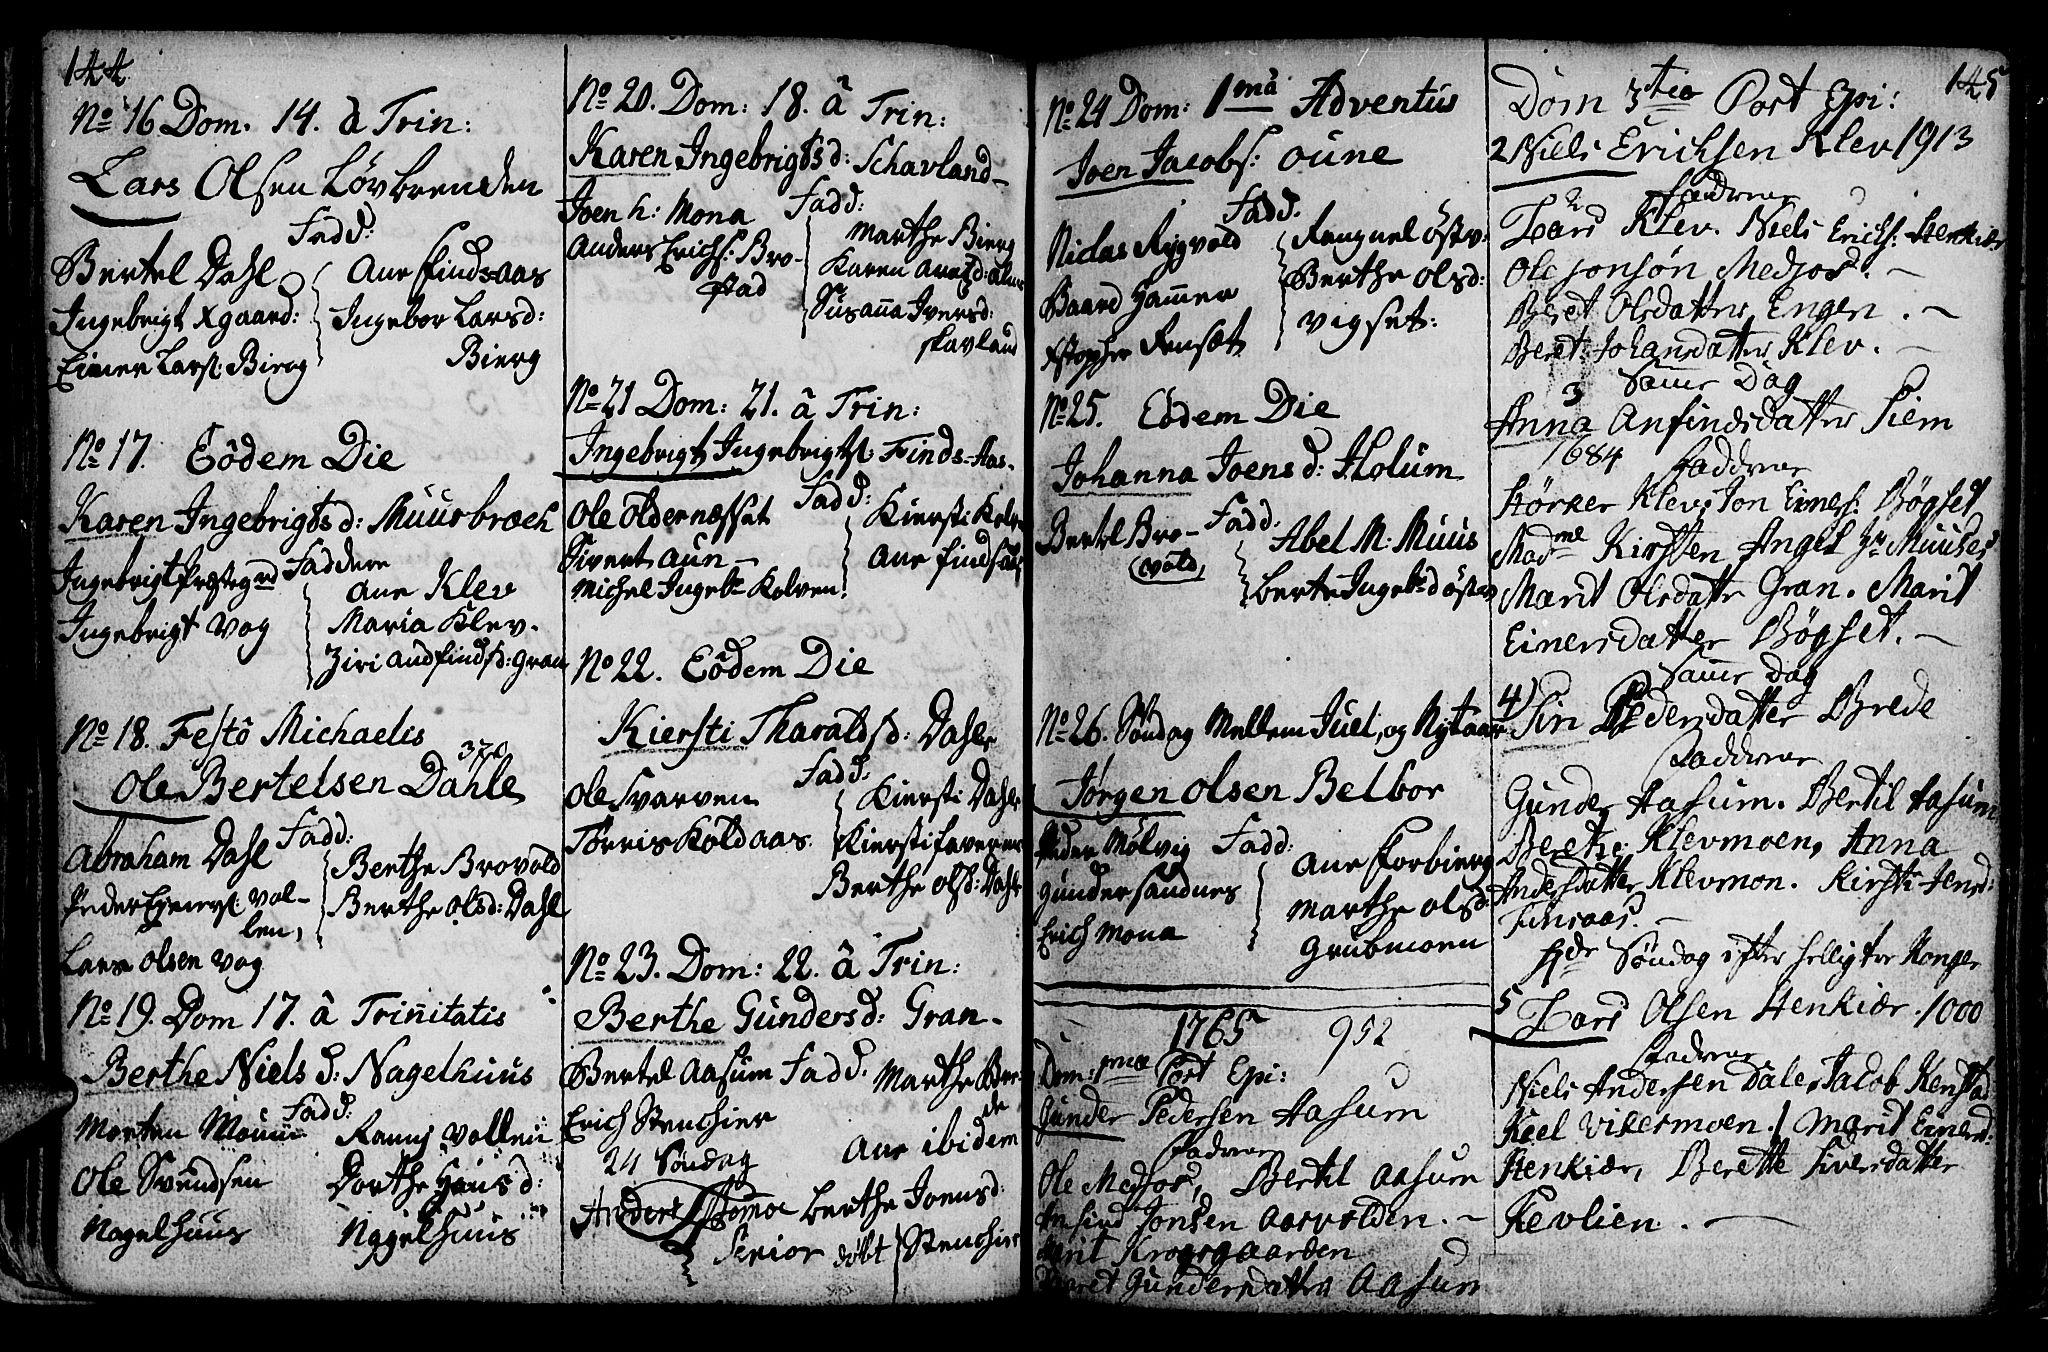 SAT, Ministerialprotokoller, klokkerbøker og fødselsregistre - Nord-Trøndelag, 749/L0467: Ministerialbok nr. 749A01, 1733-1787, s. 144-145